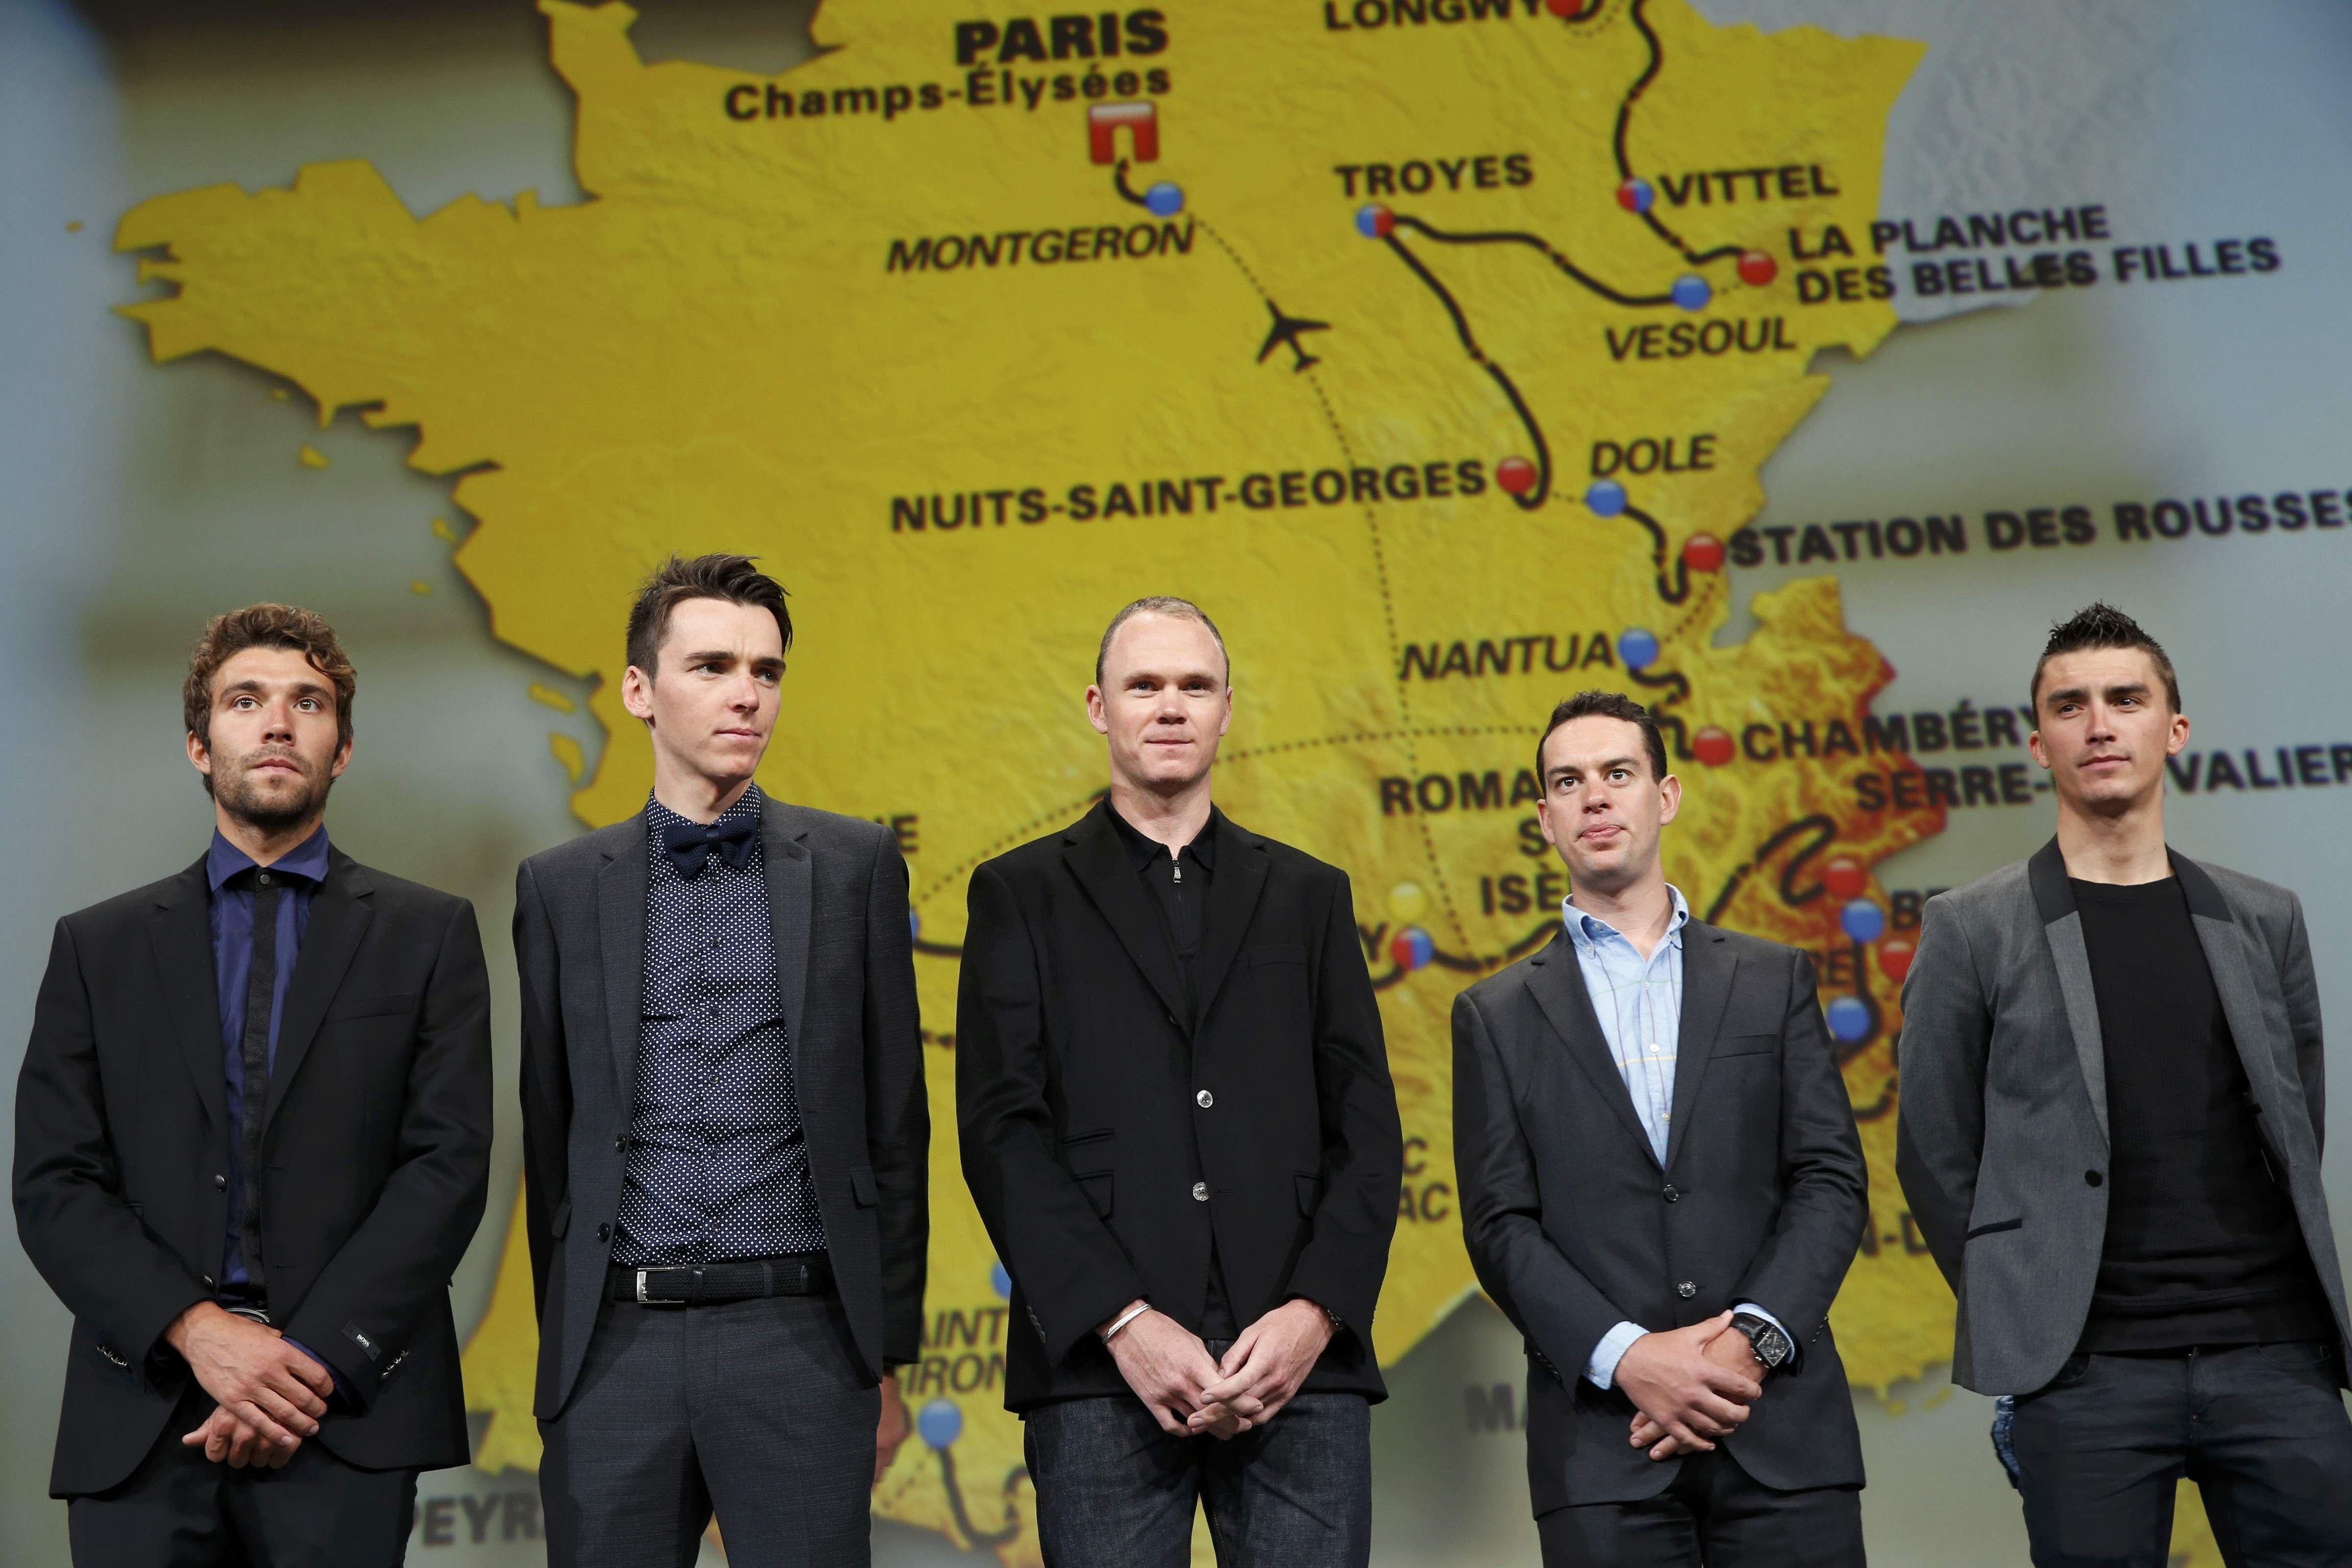 Cyclisme - Tour de France - Le Tour 2017 veut donner le tournis